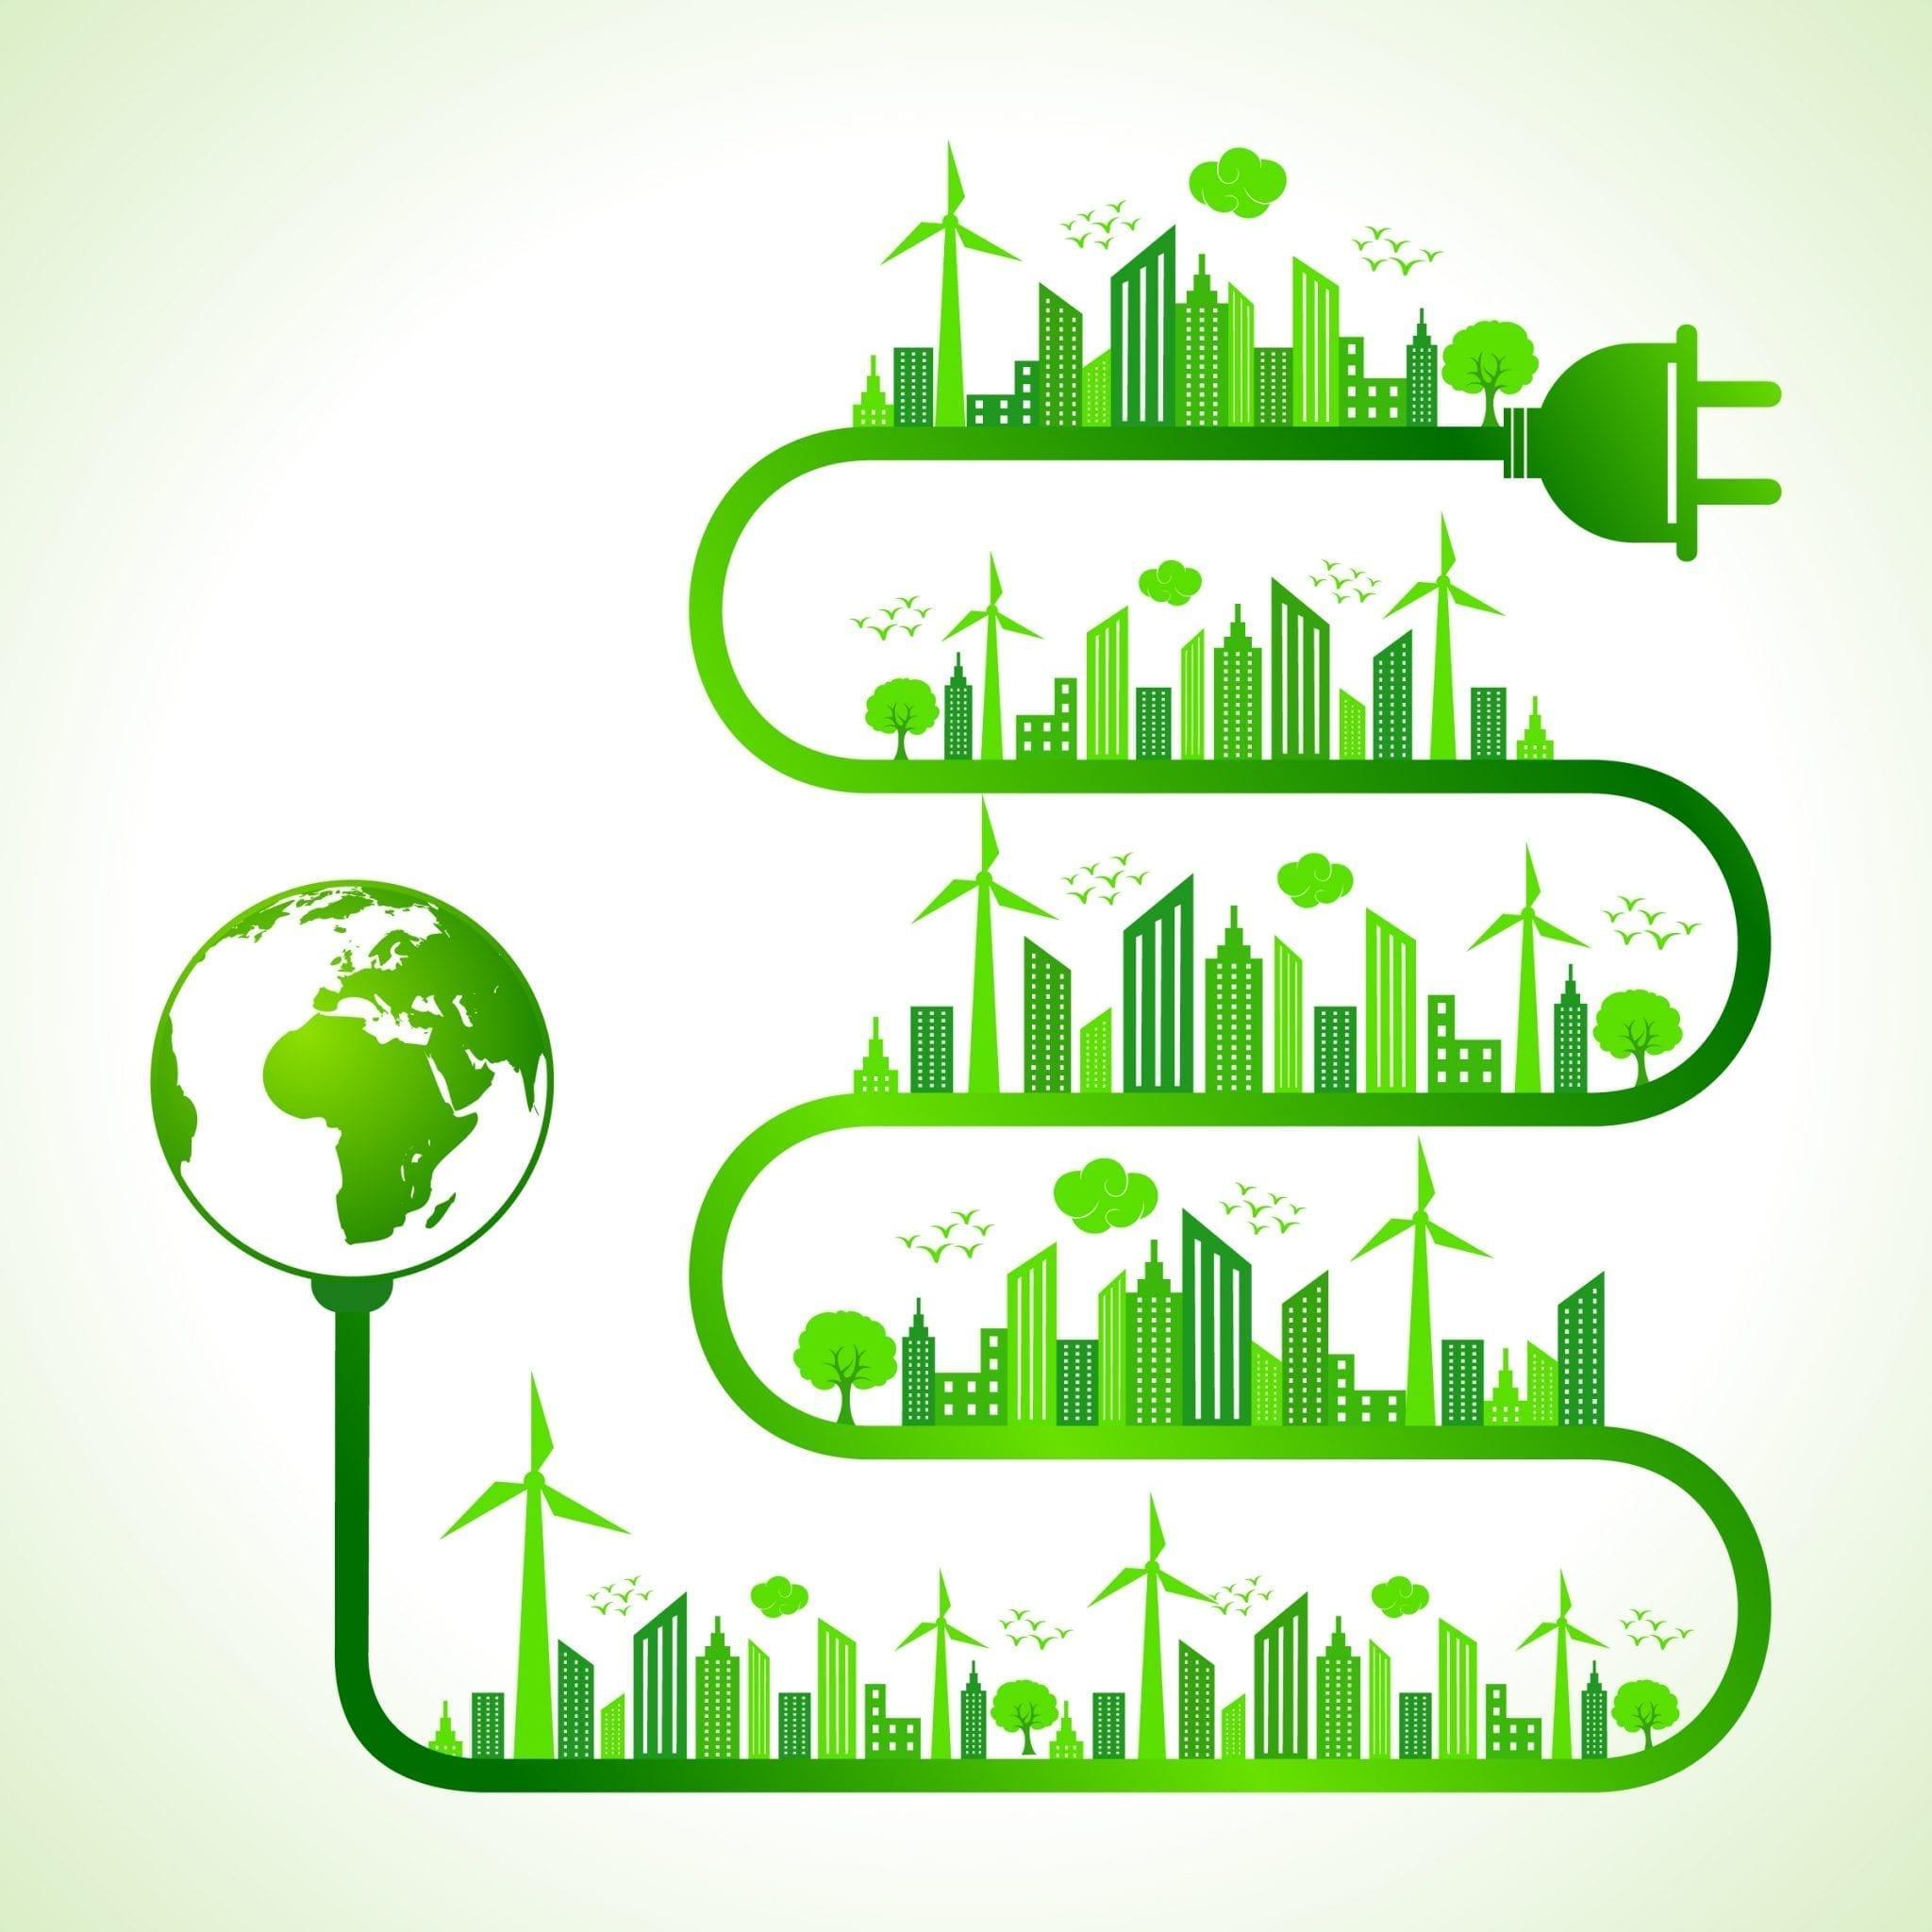 Beneficios Ahorro Energía